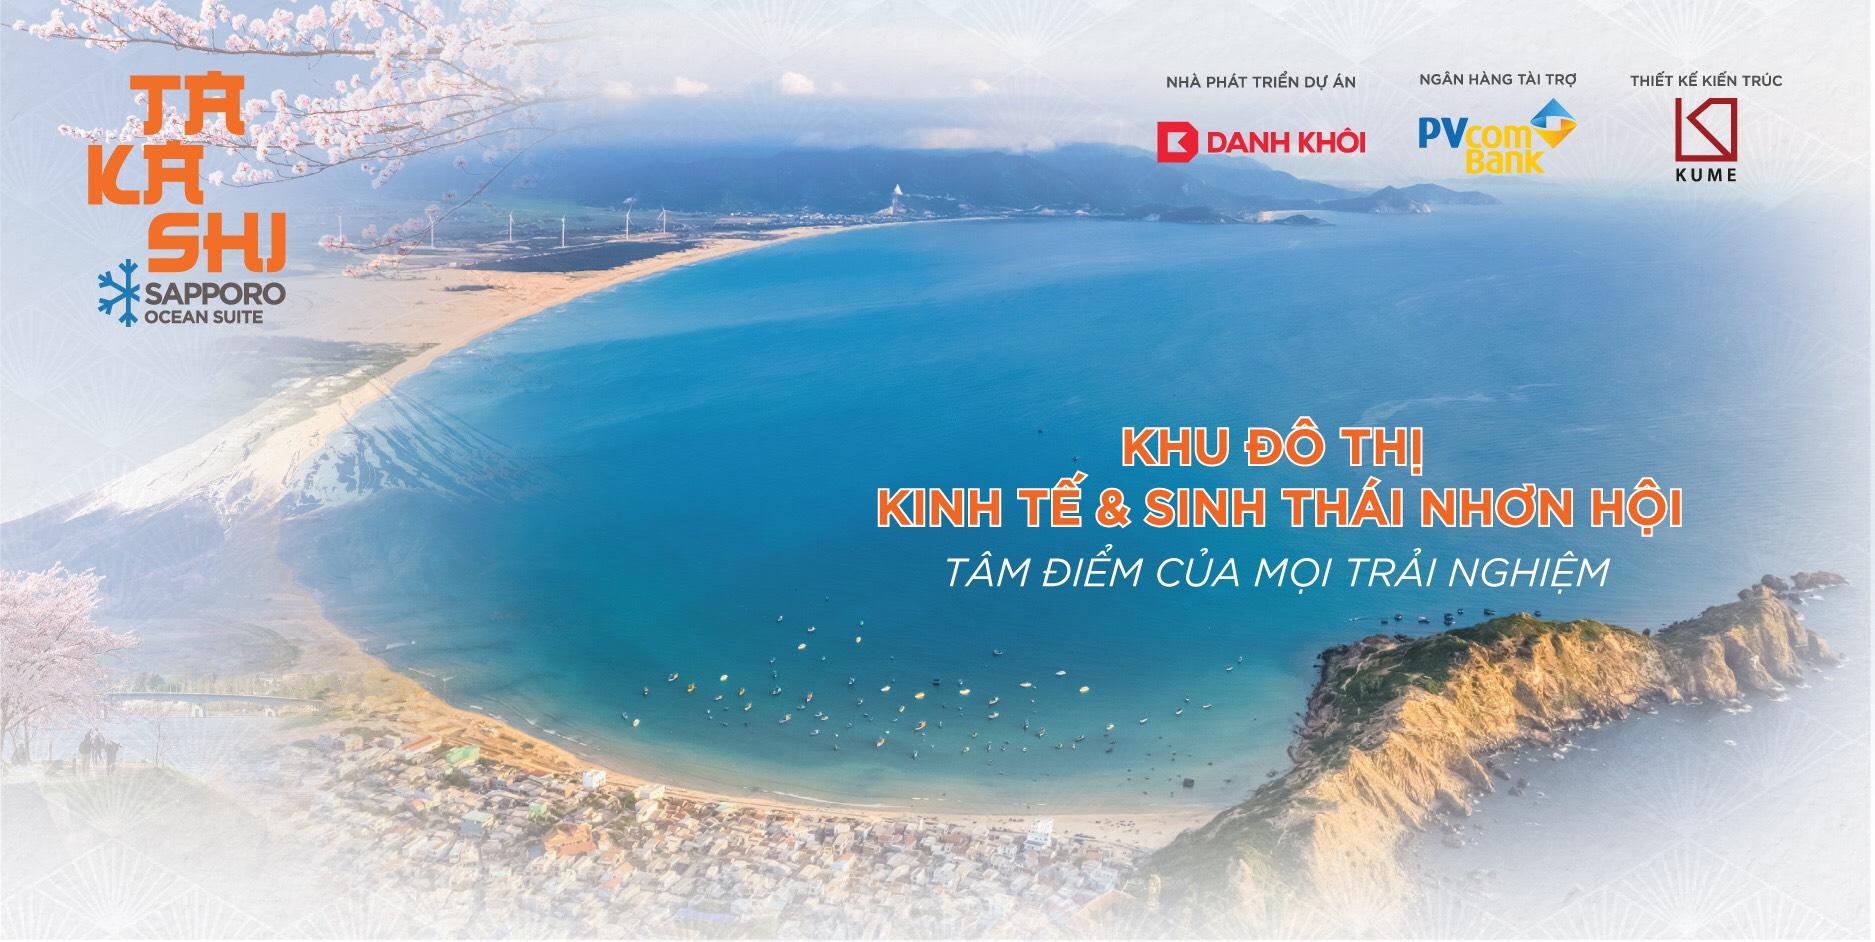 Đứng sau dự án Takashi Ocean Suite Kỳ Co là ai?